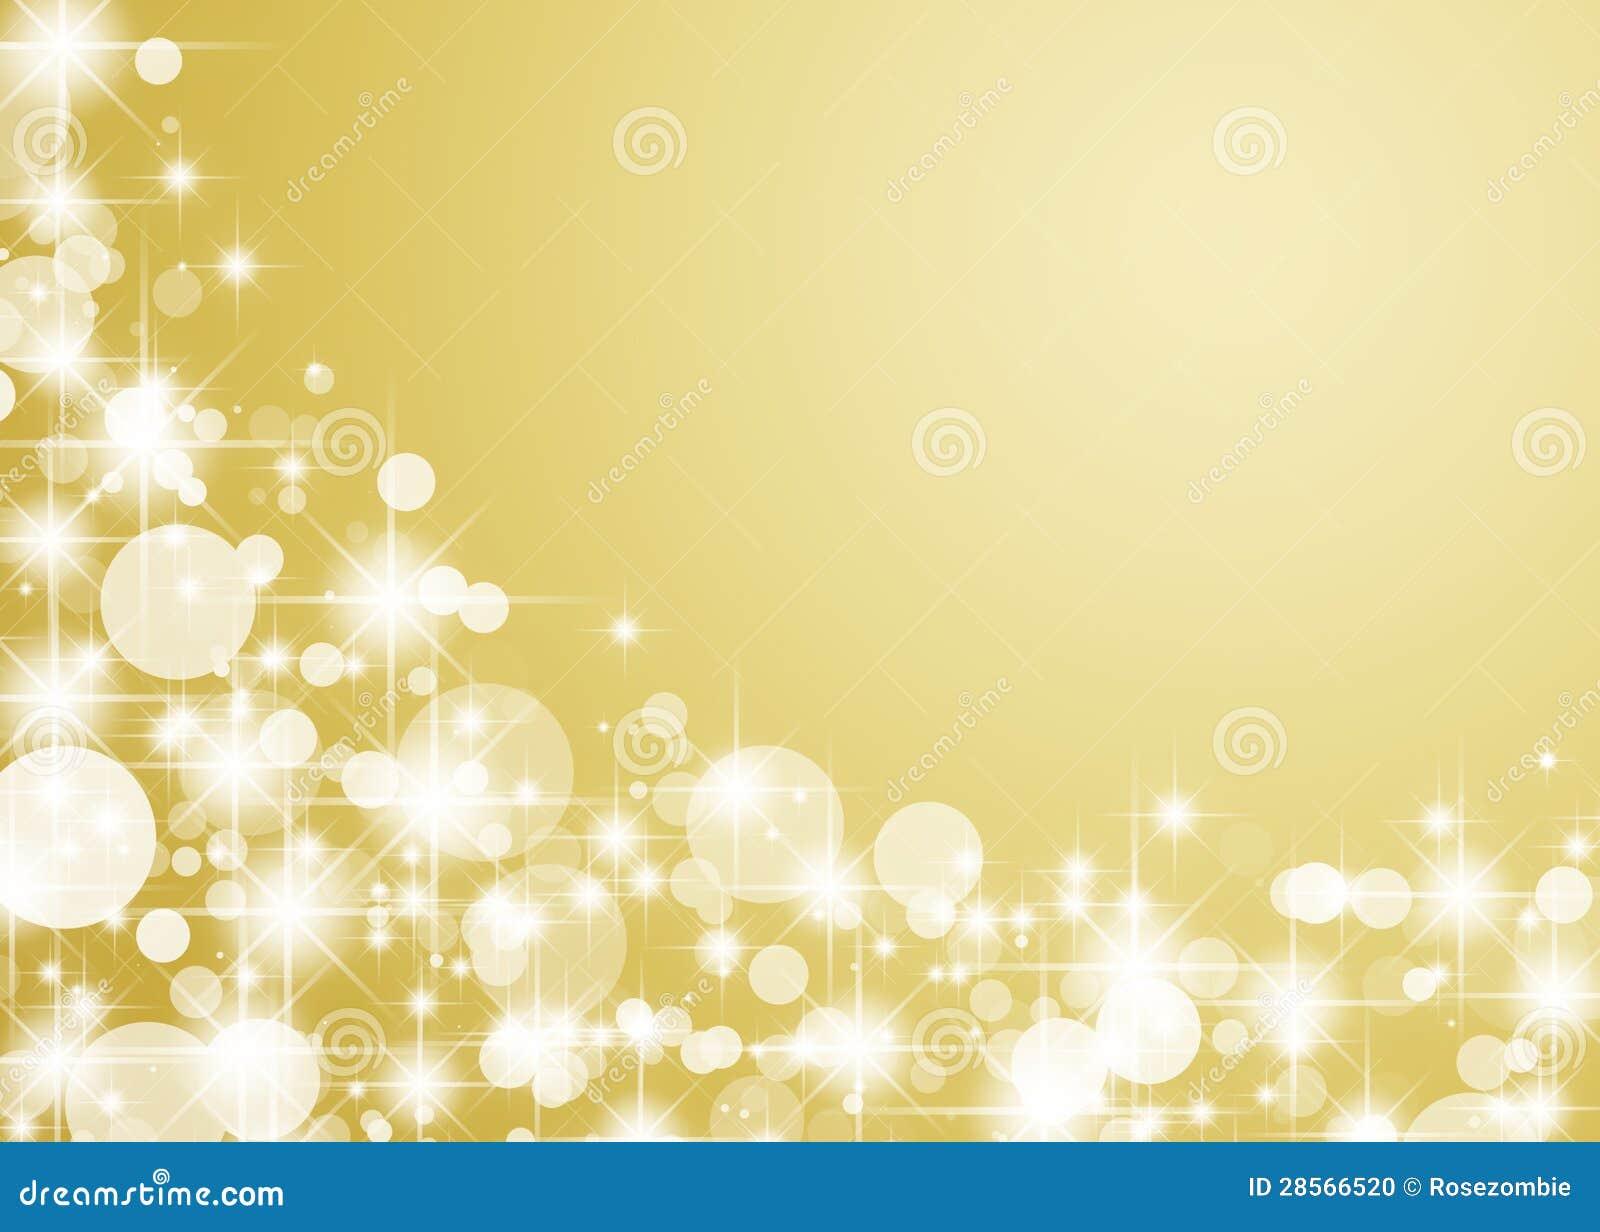 Elegant Christmas Background: Elegant Christmas Background Stock Photo